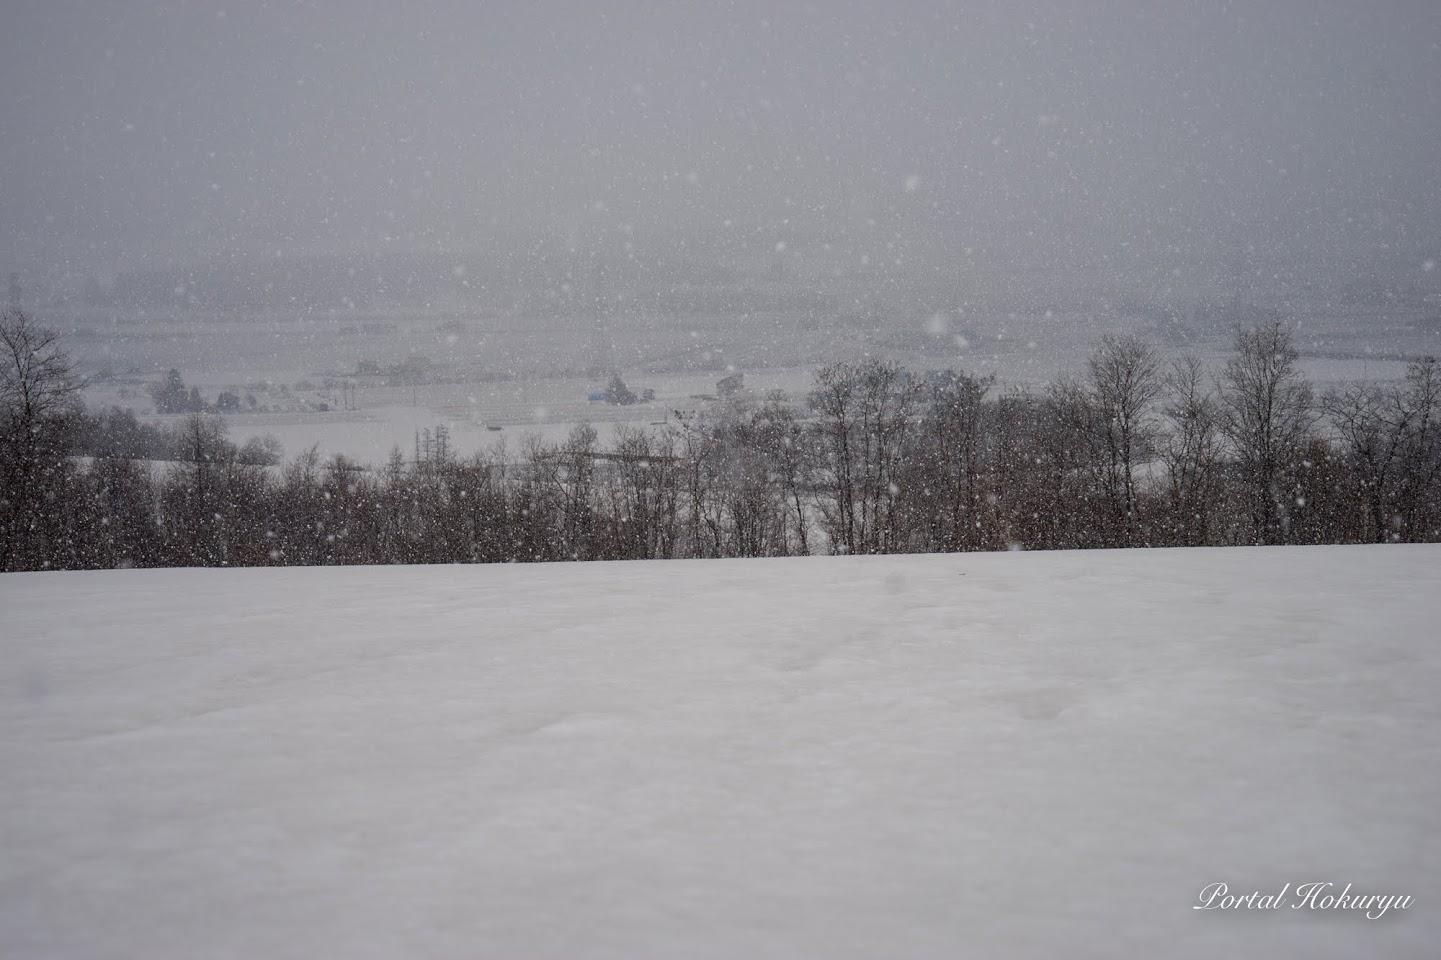 ぼた雪舞う風景